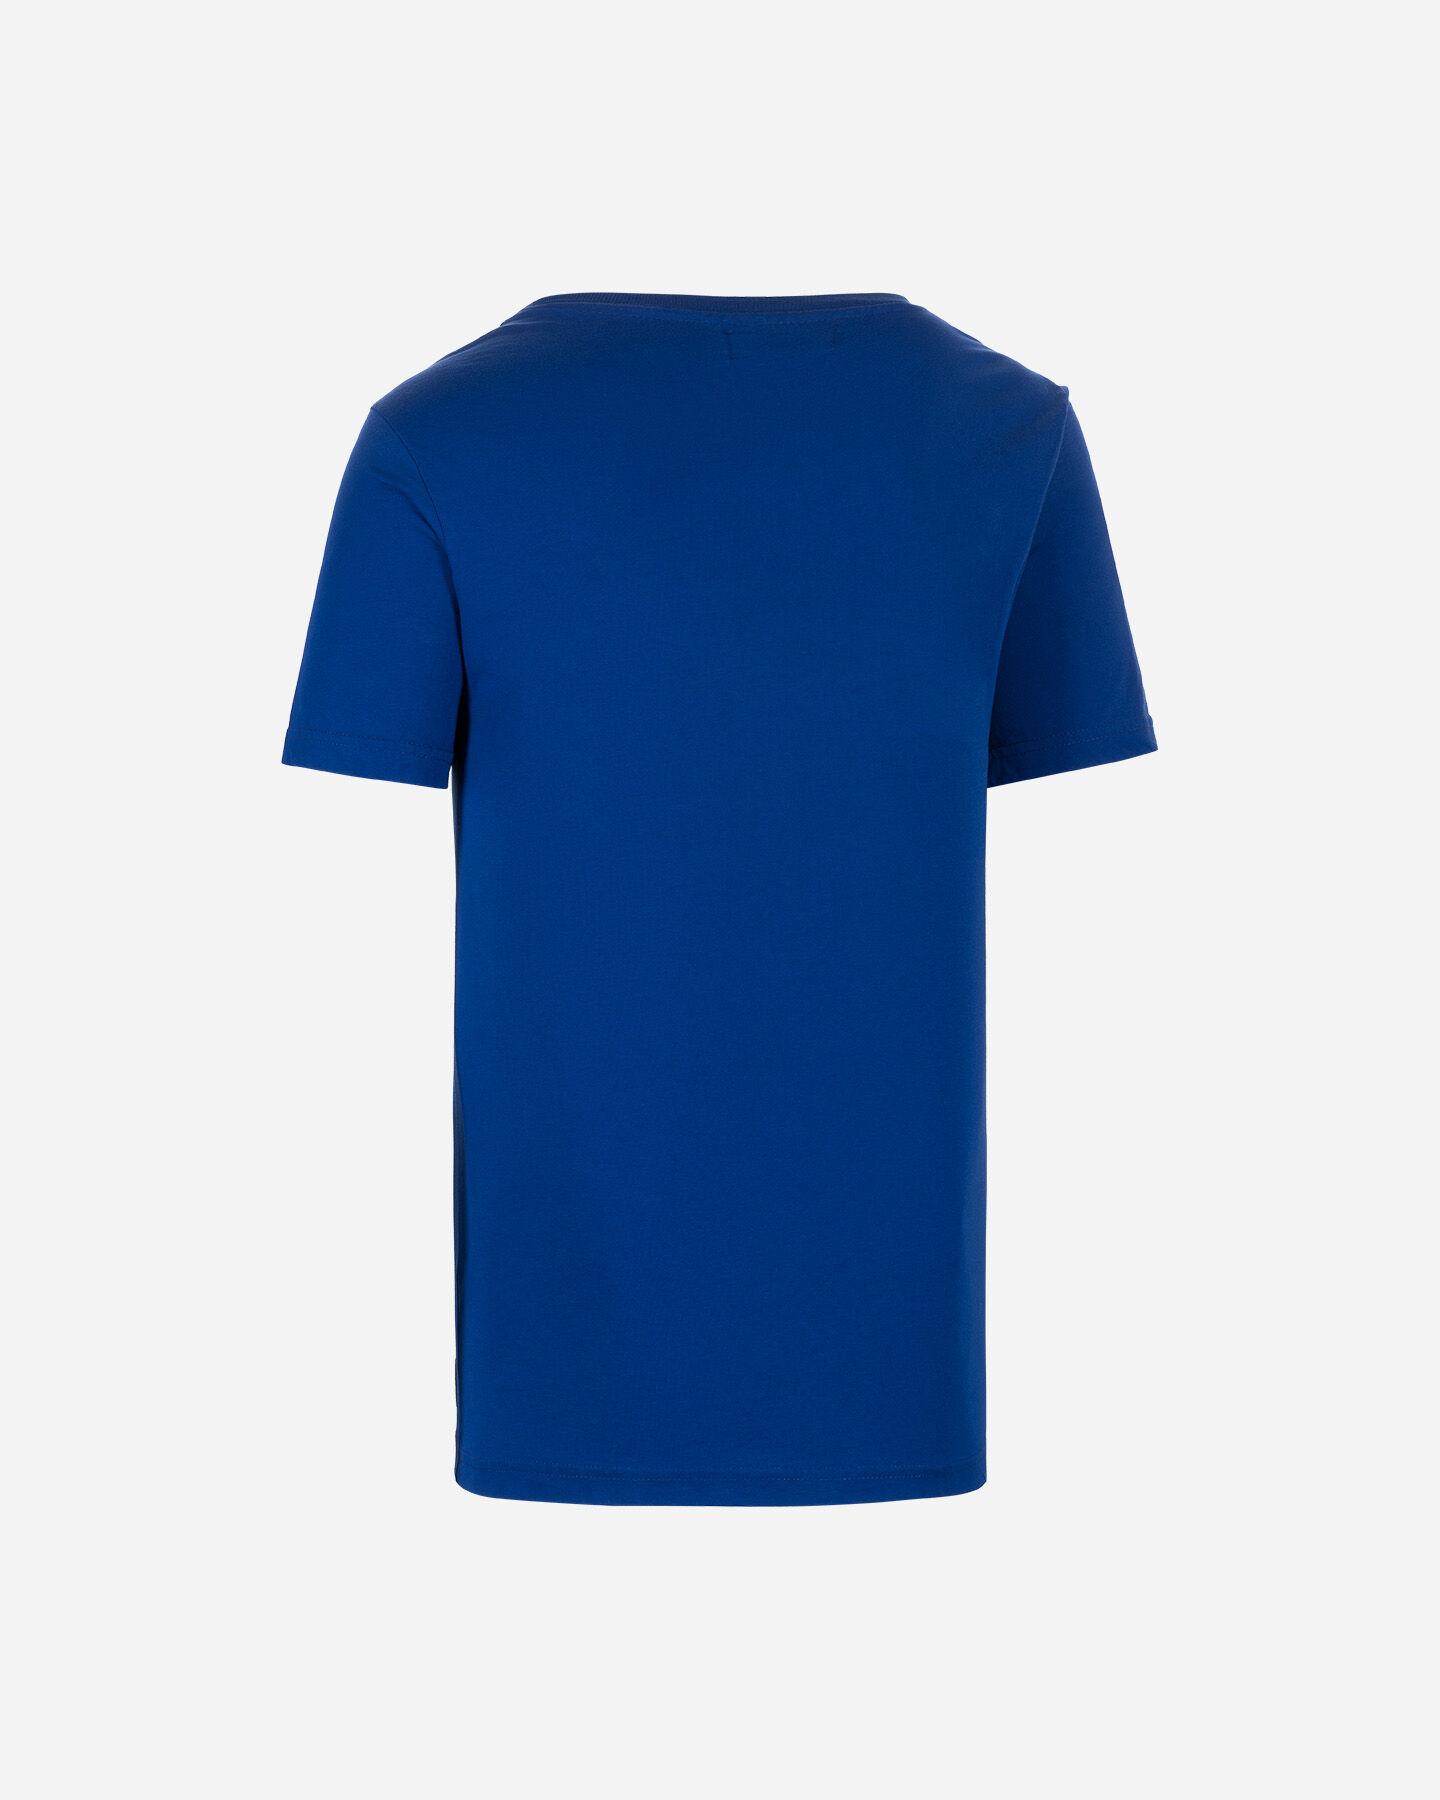 T-Shirt CONVERSE CHEVRON M S5181117 scatto 1